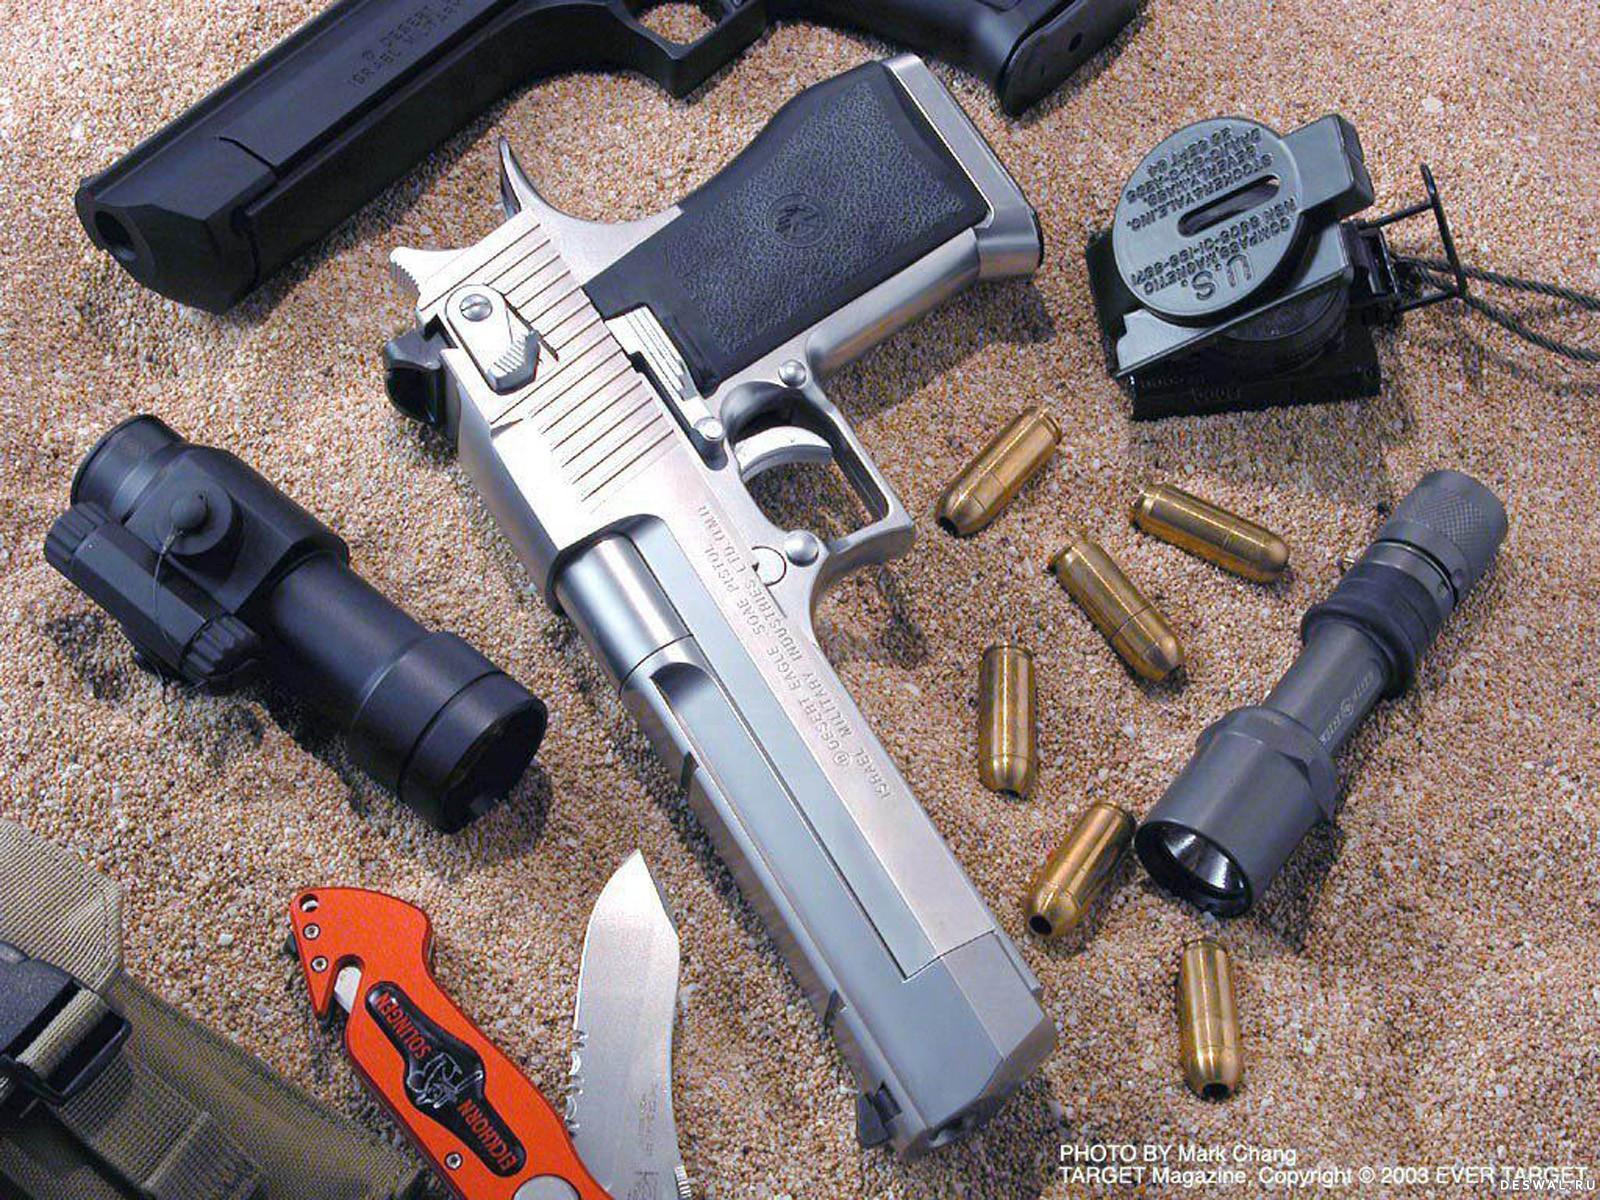 Фото 107. Нажмите на картинку с обоями оружия, чтобы просмотреть ее в реальном размере